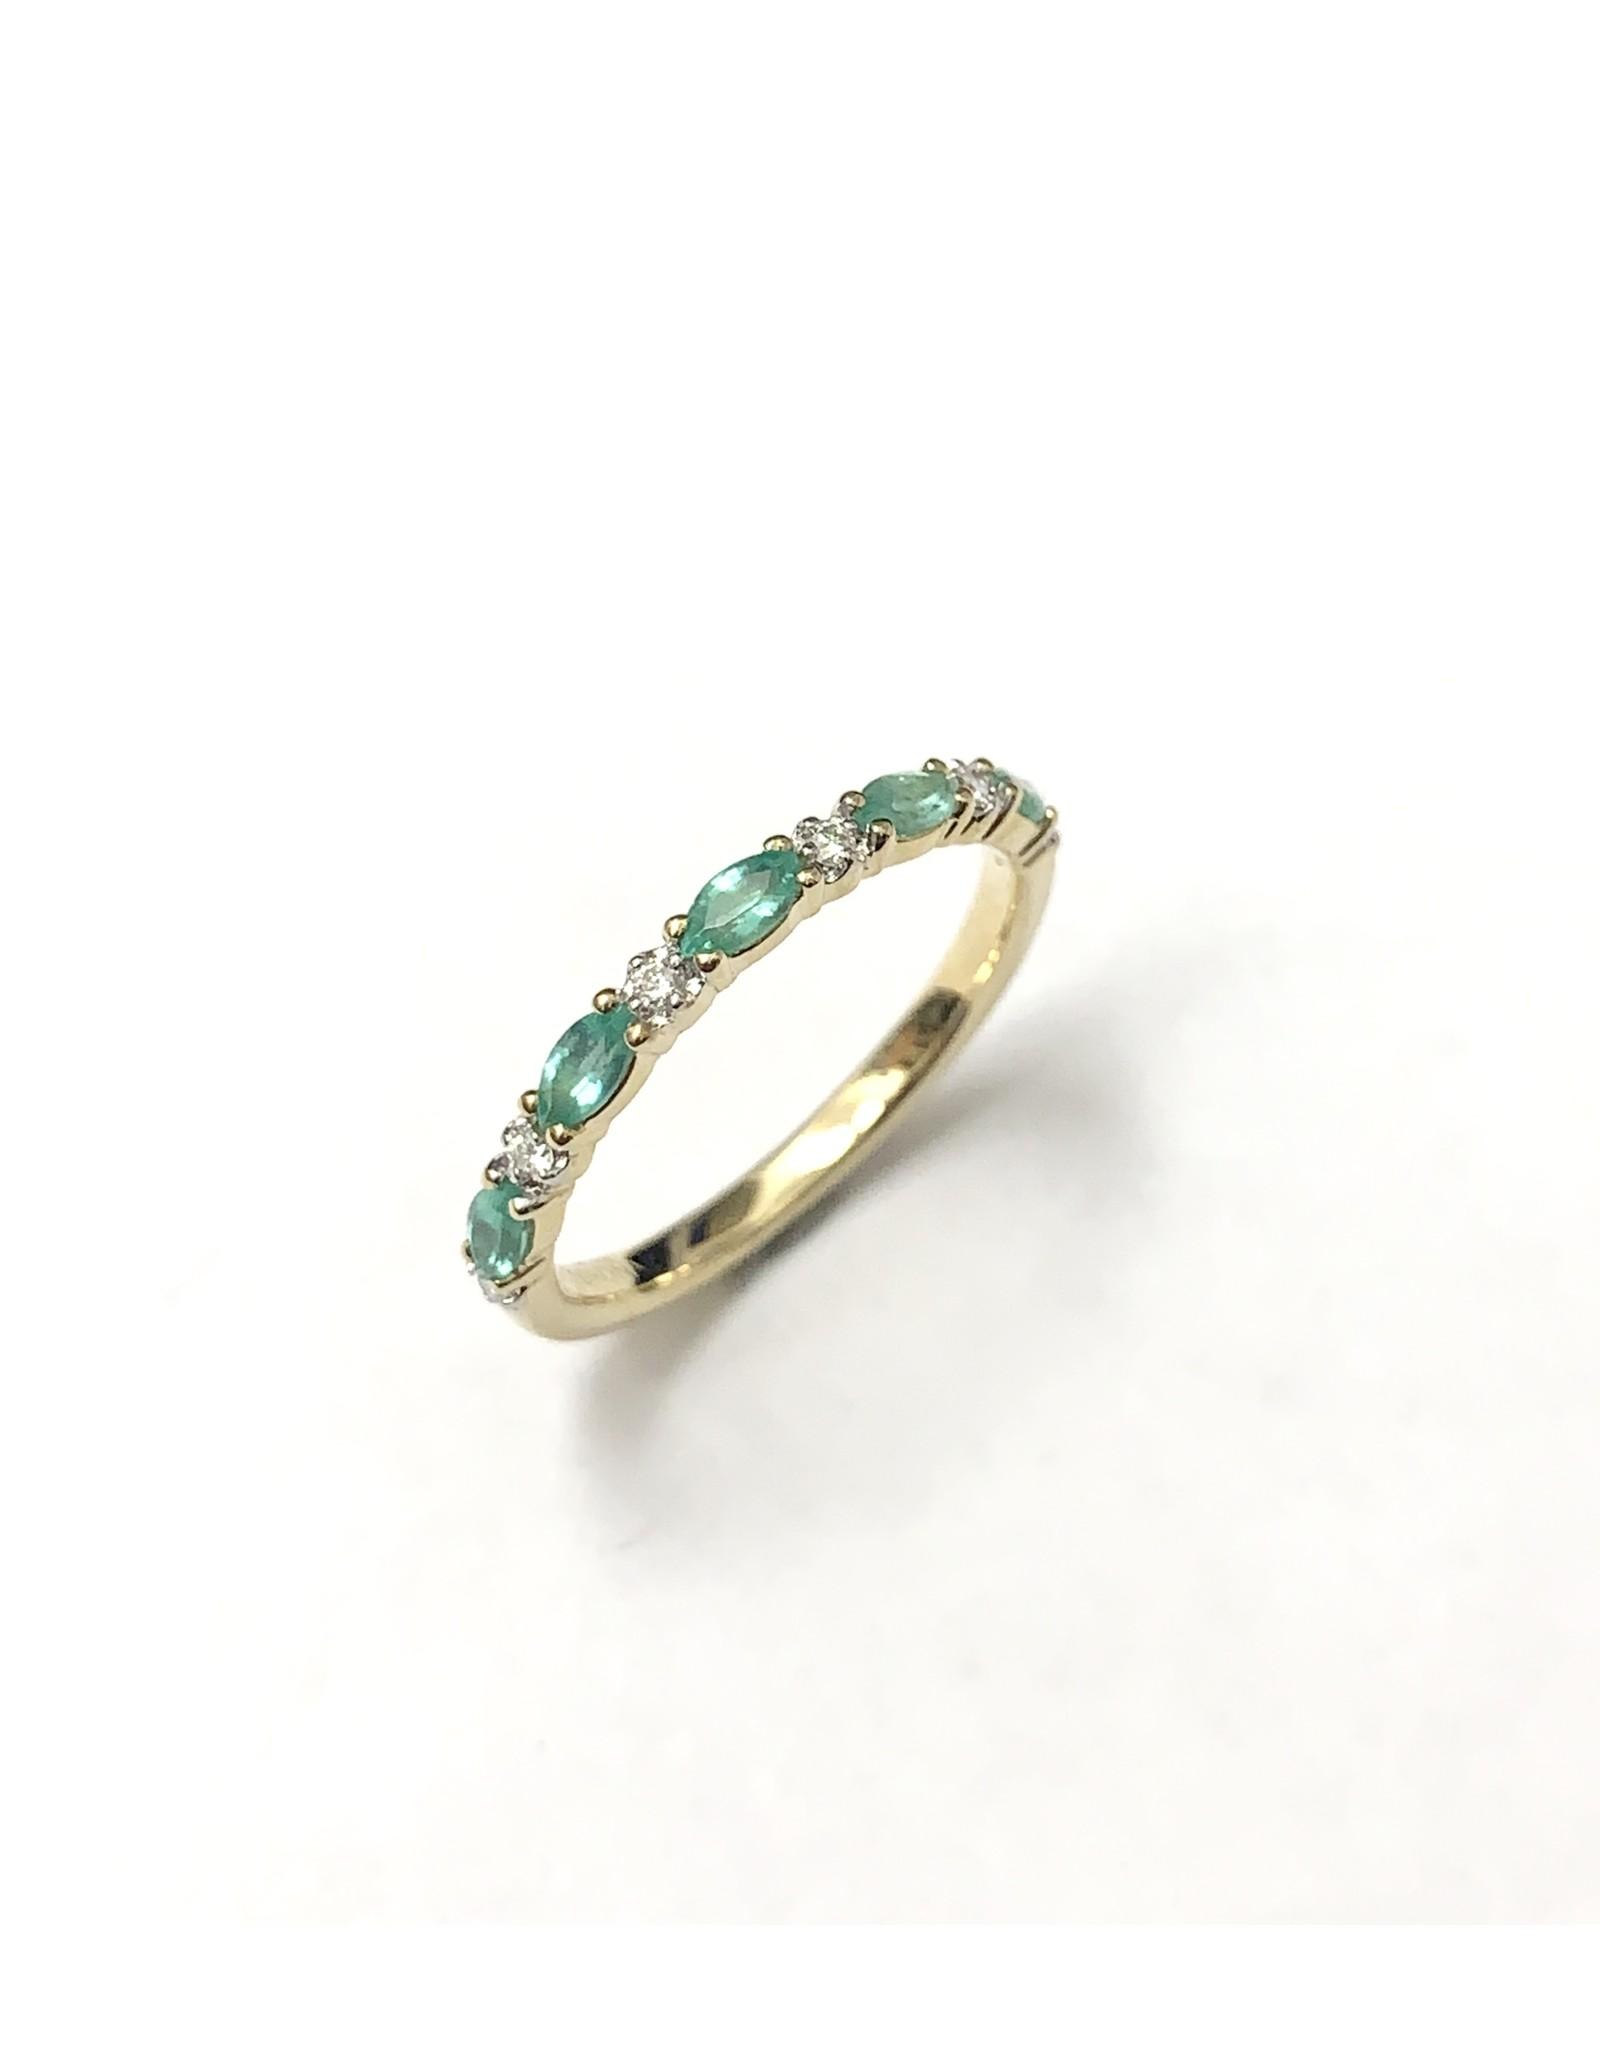 Chi Chi Emerald & Diamond Ring 10KY